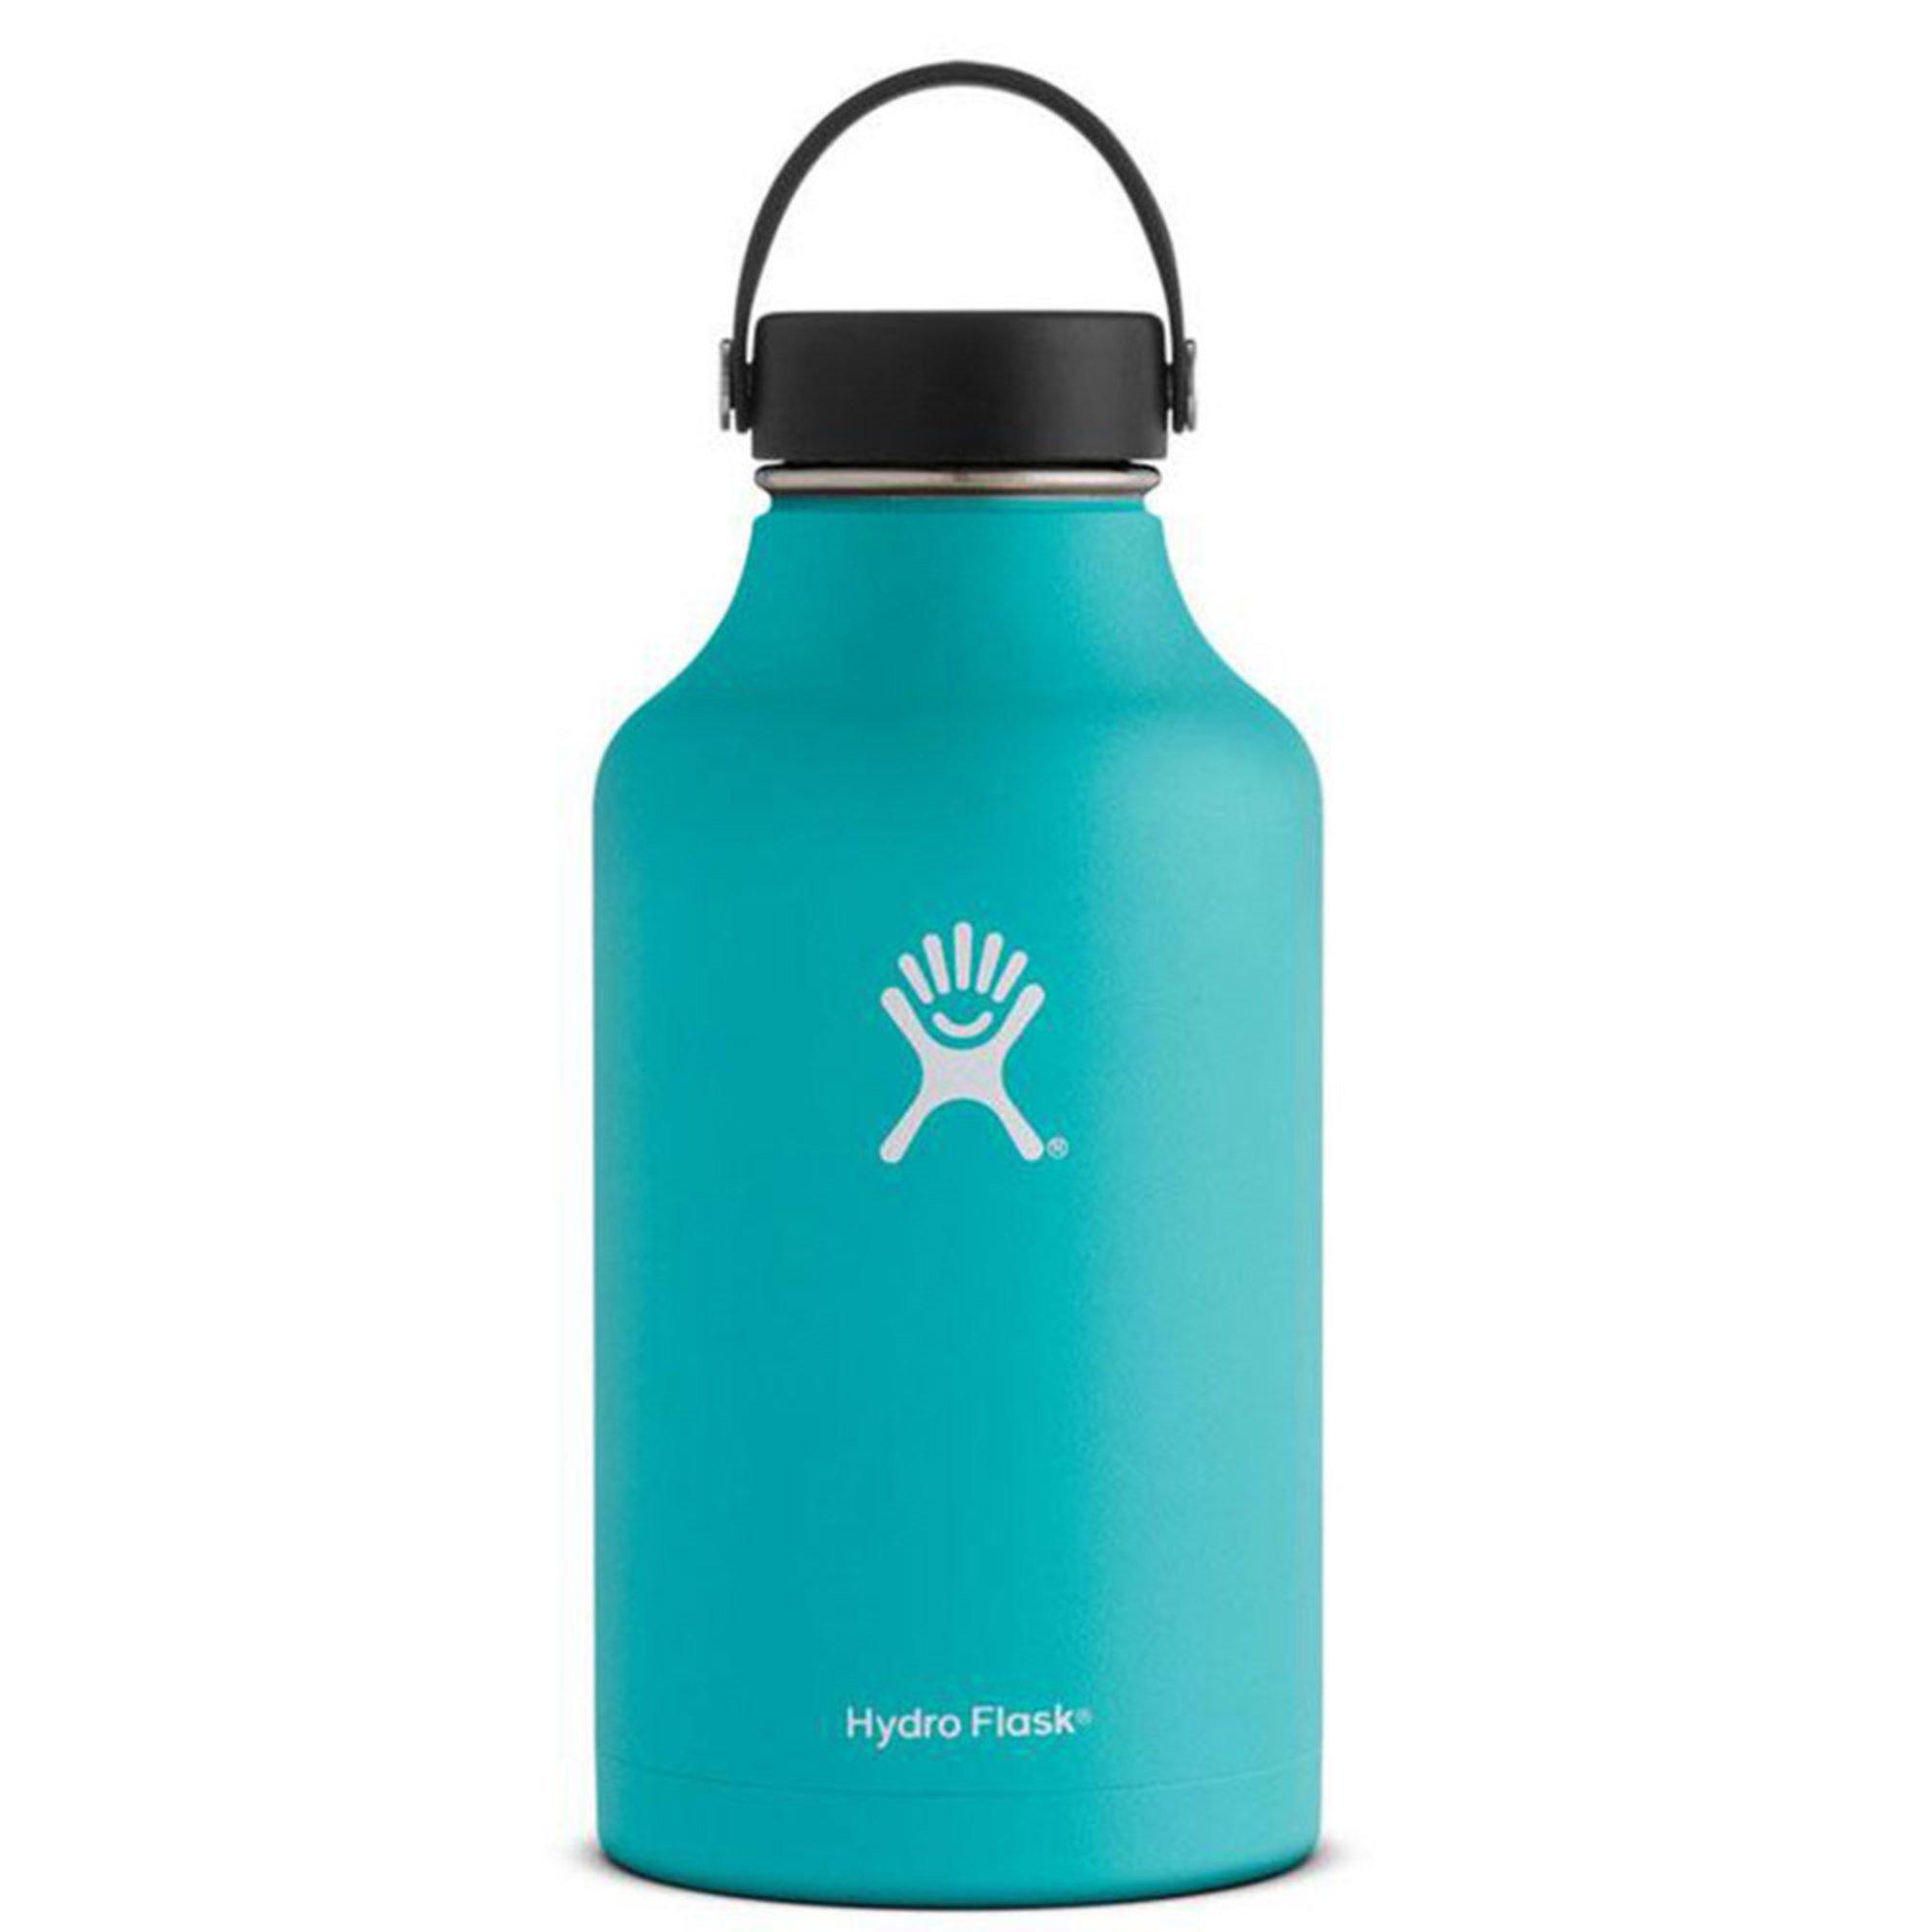 de7849ed5247 Hydro Flask 64 Oz Growler Bottle - Mint